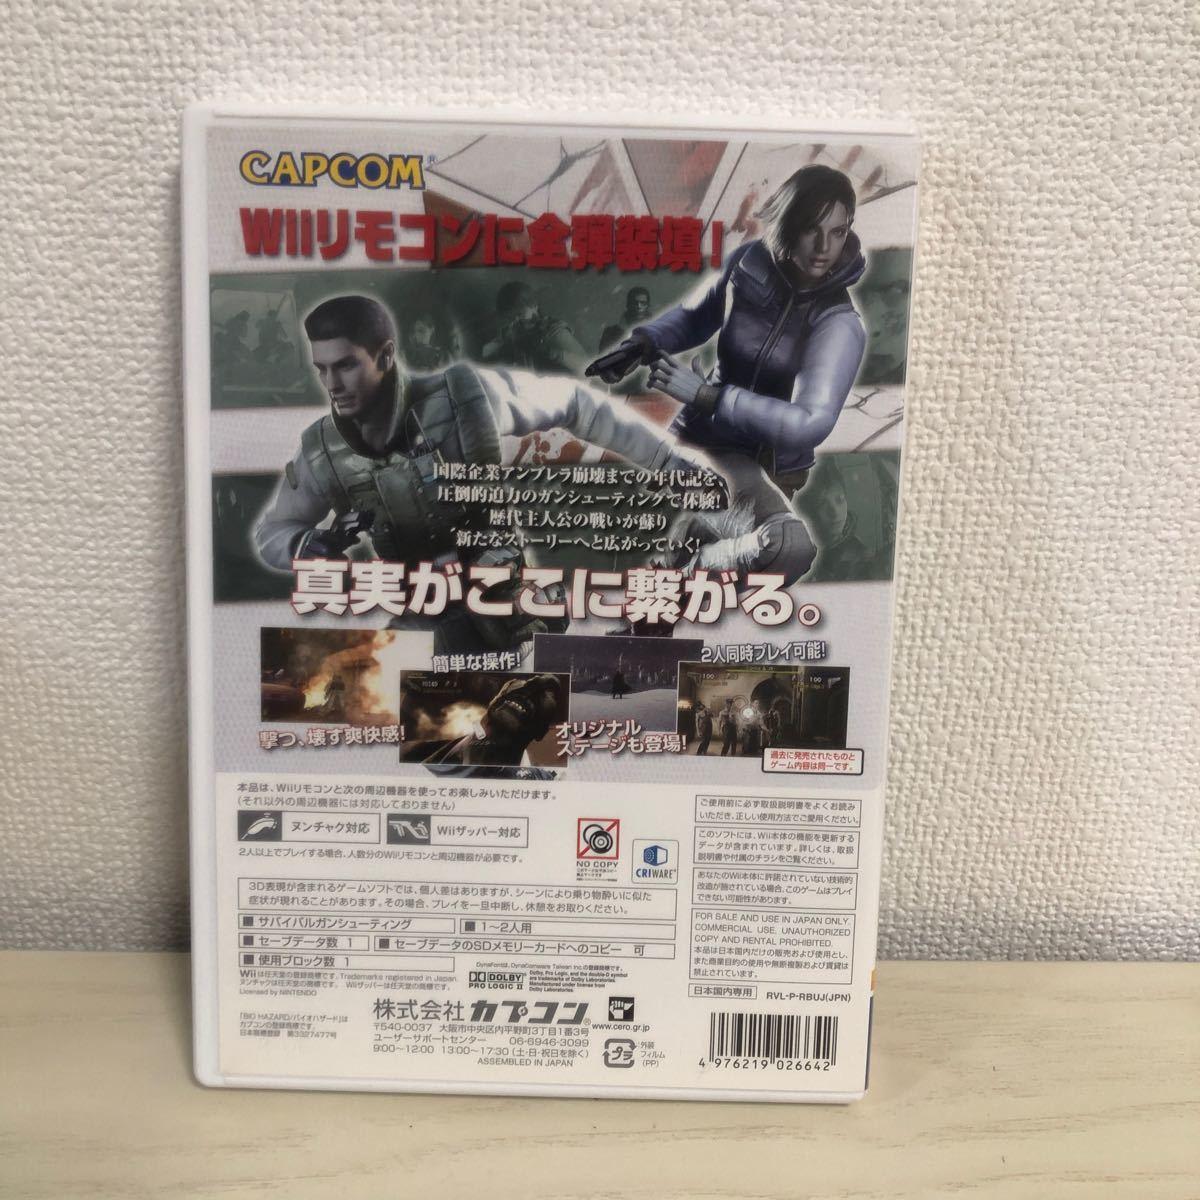 バイオハザード アンブレラクロニクルズ Wii